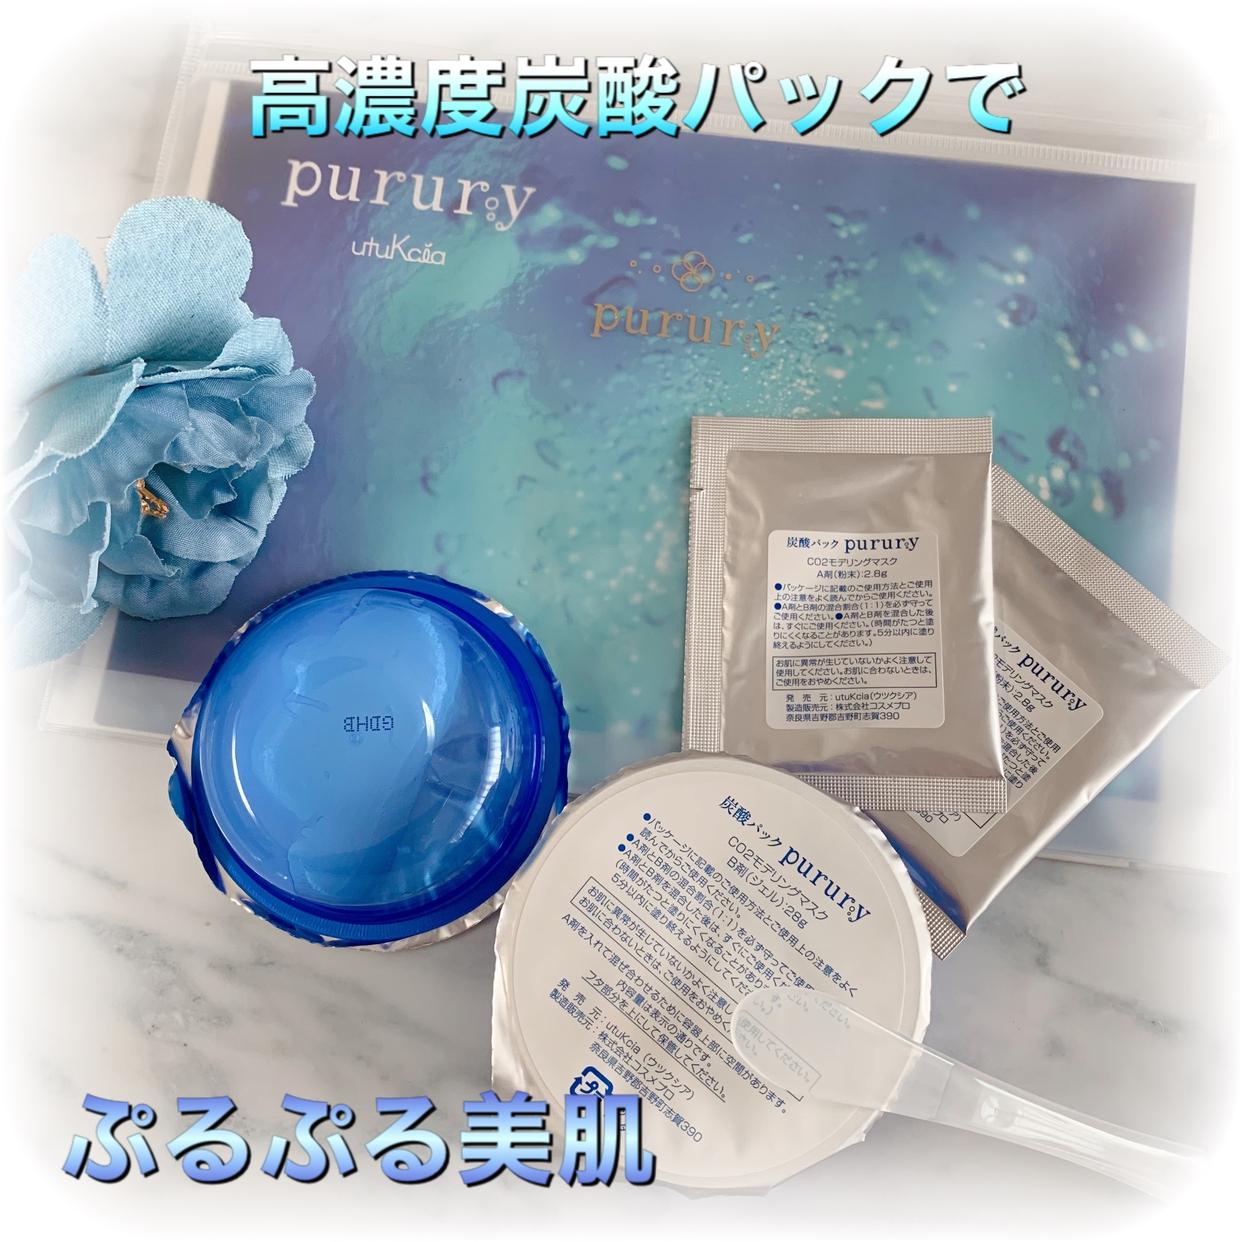 purury(プルリ) 炭酸パック プルリを使ったsnowmiさんのクチコミ画像